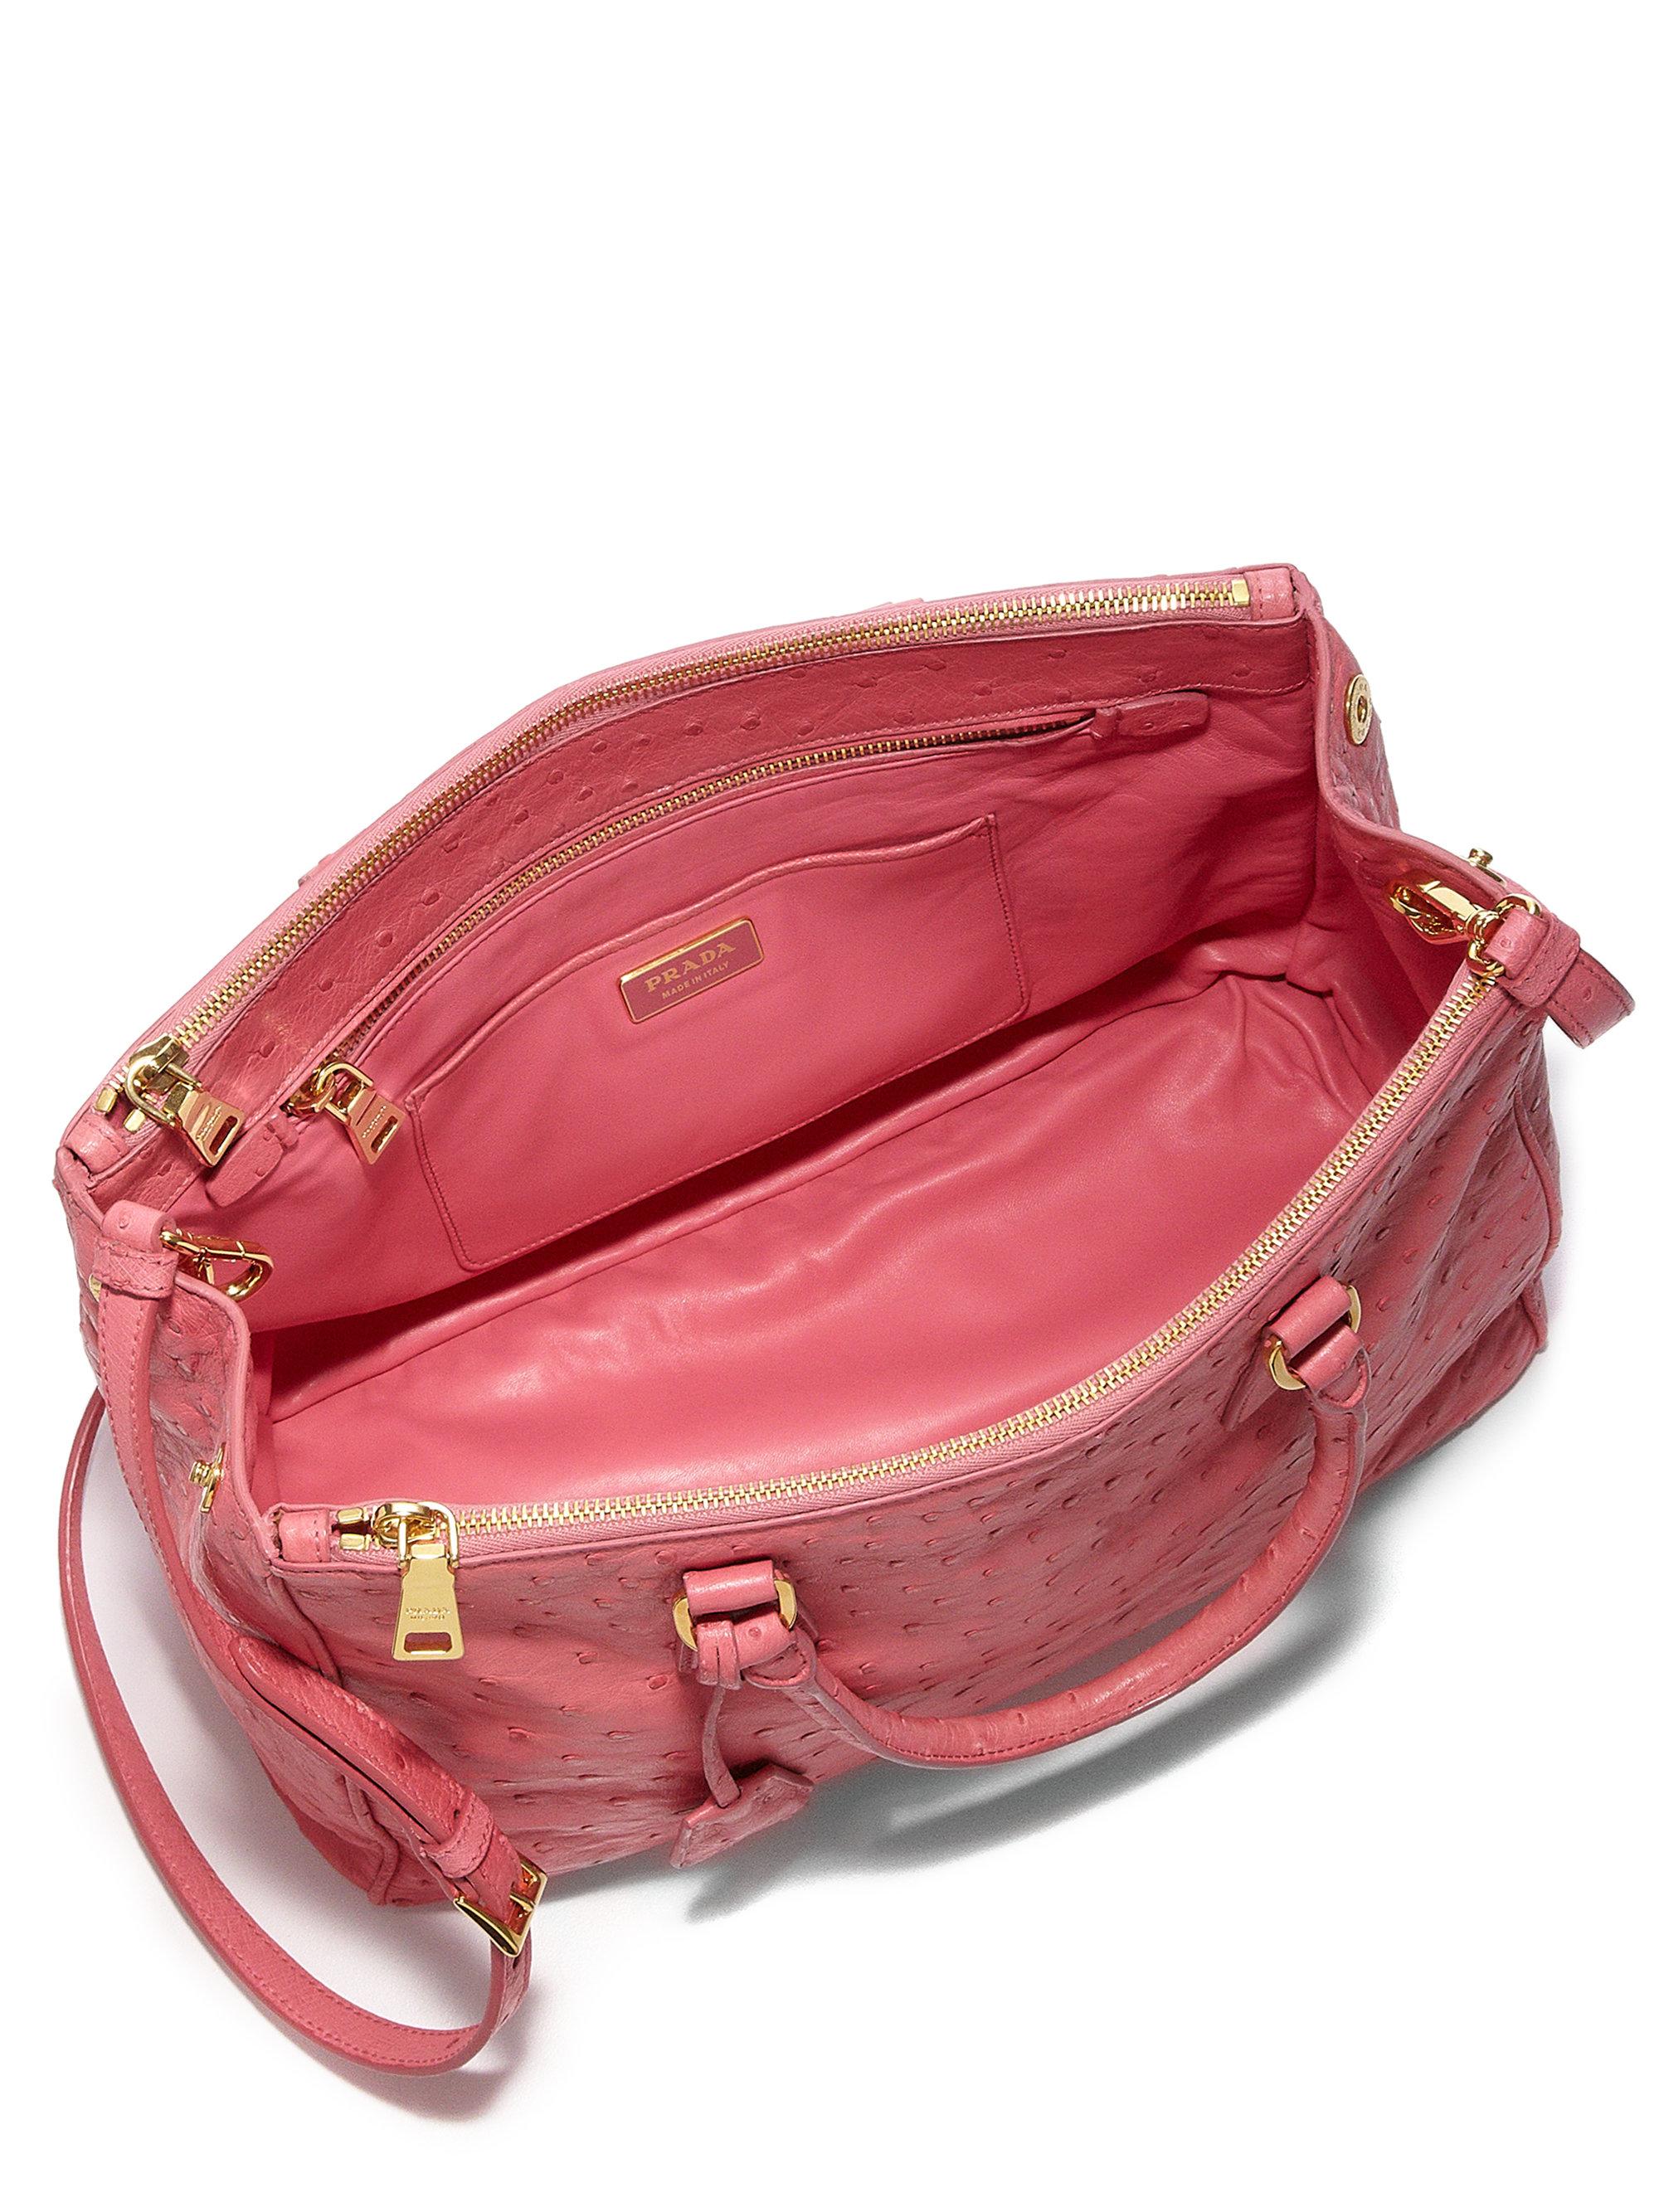 0c130daf85fa57 Prada Ostrich Double-zip Tote in Pink - Lyst